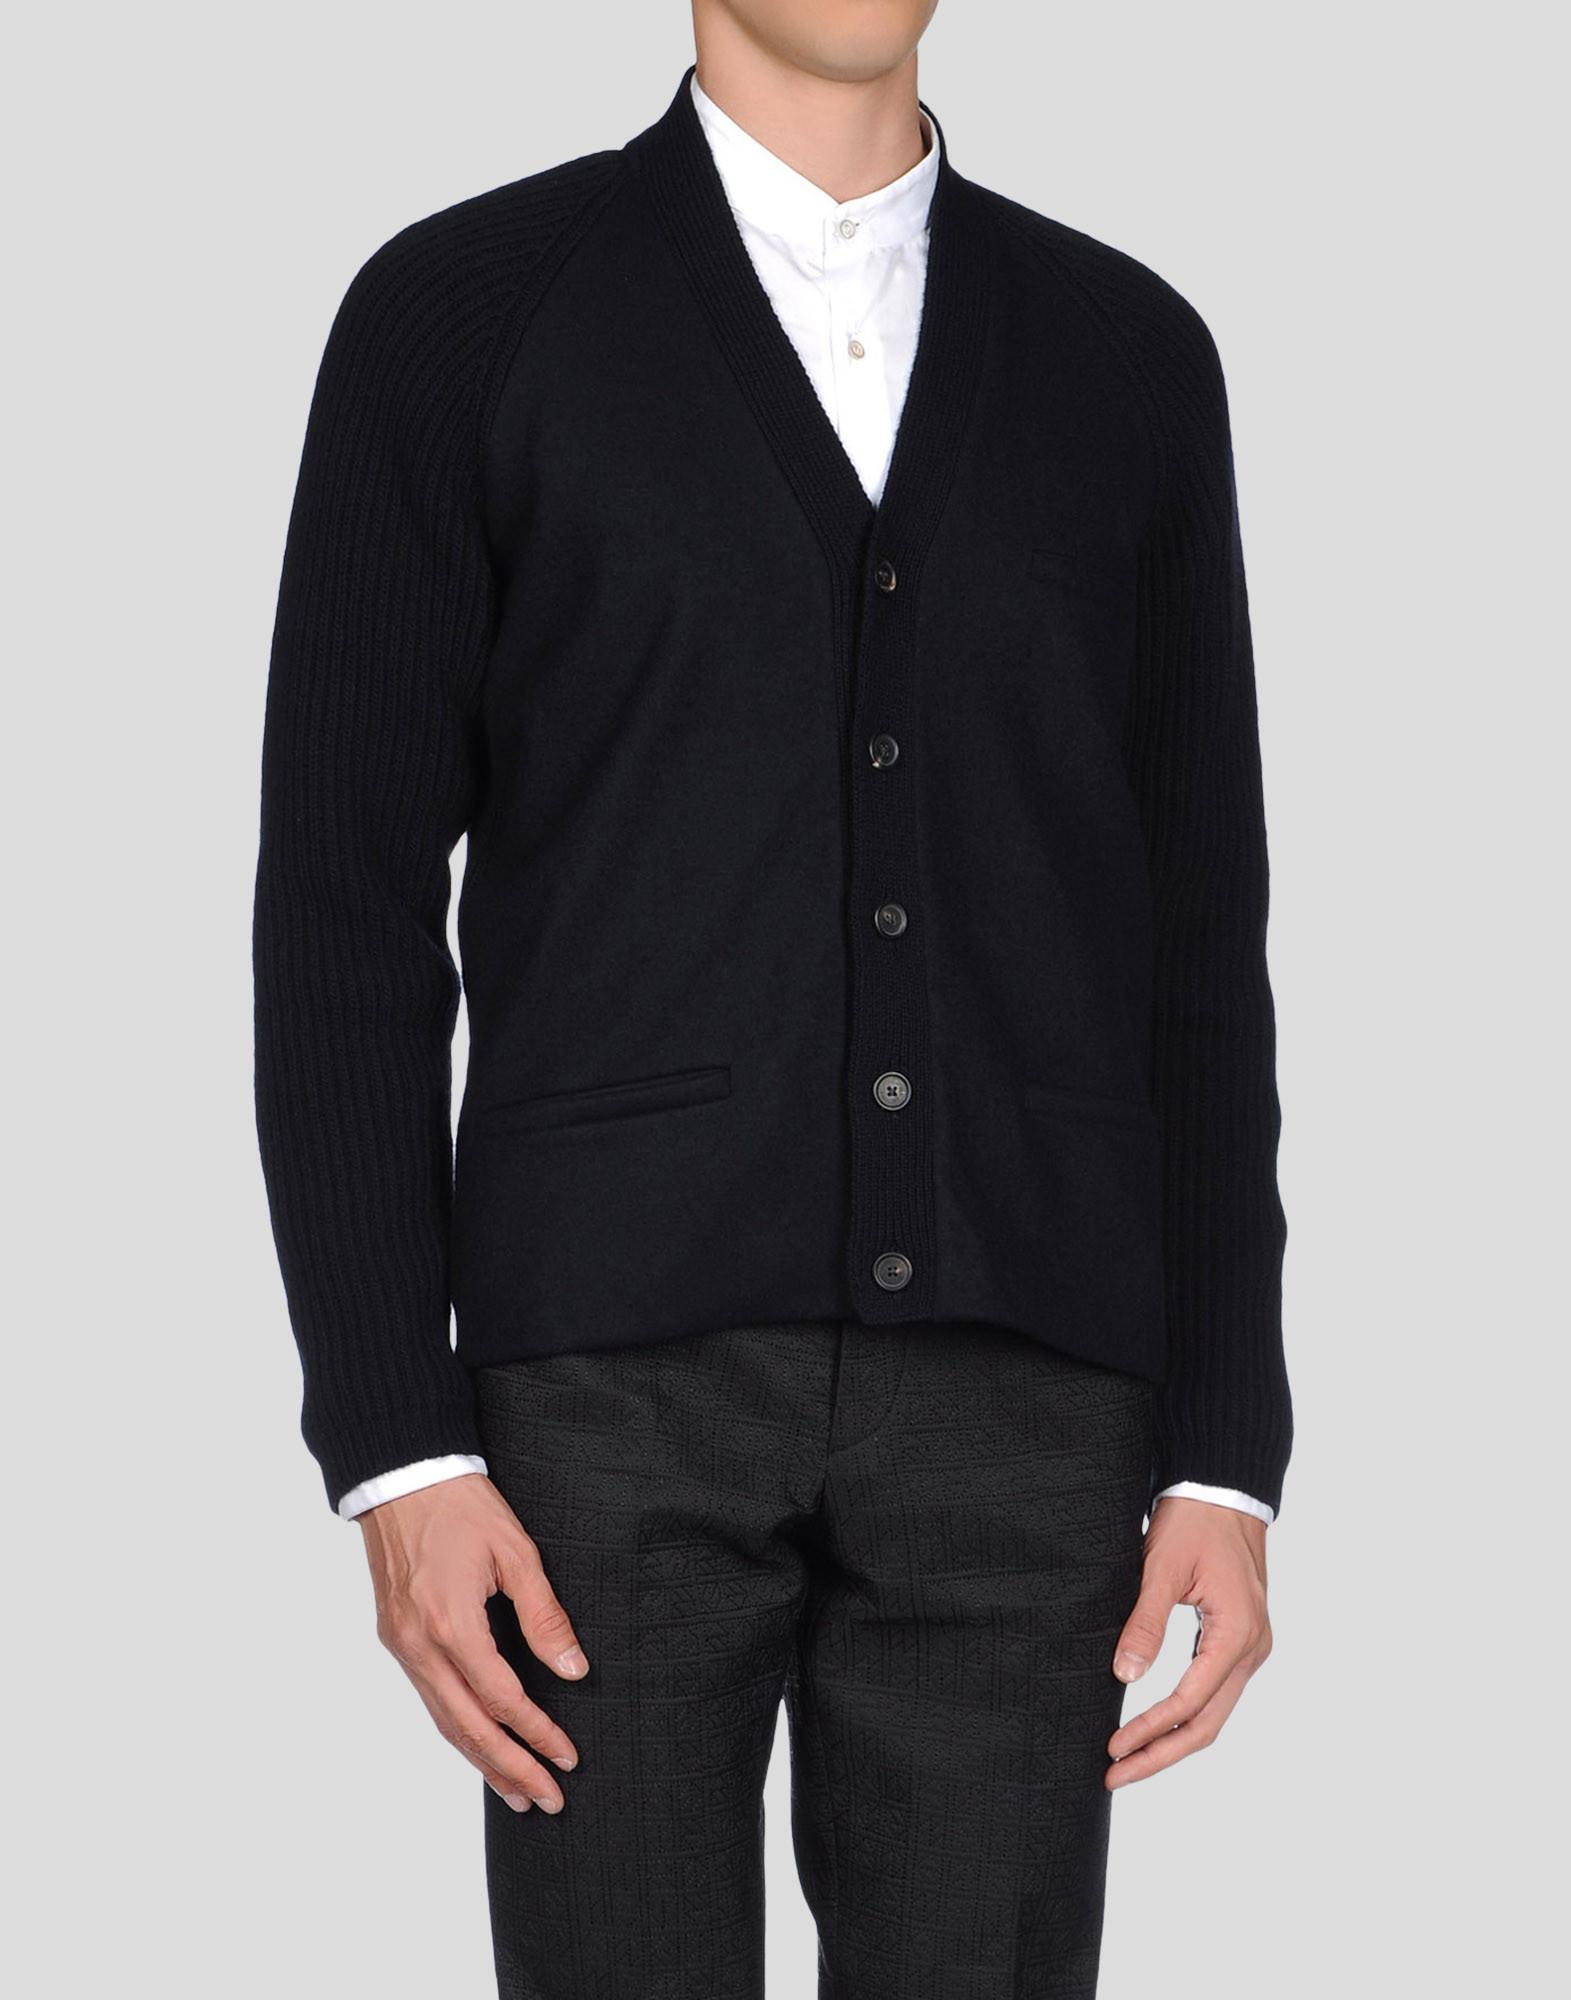 3b7b0cf12c5e2 Cardigan Men - Knitwear Men on Jil Sander Online Store